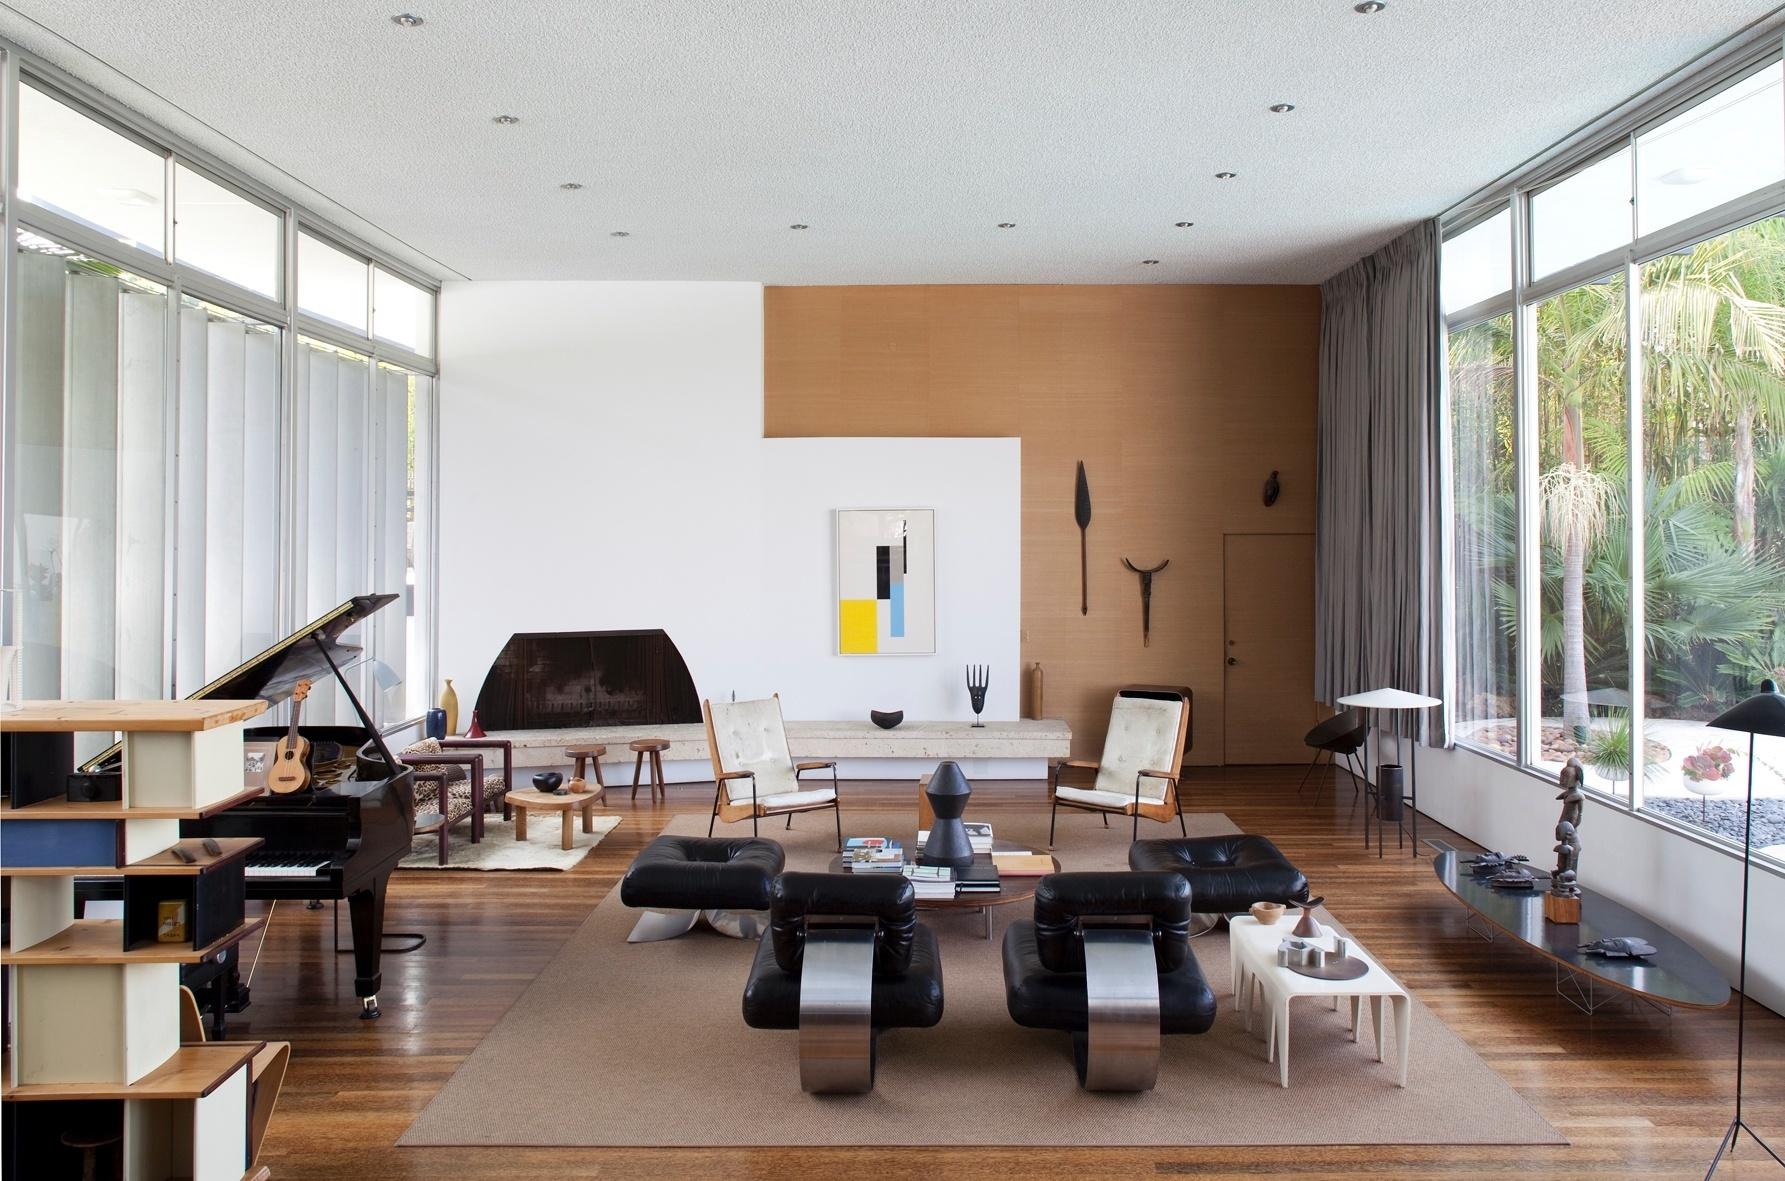 A sala, com 68 m de comprimento, divide-se em estar e jantar e tem piso de madeira. O projeto da residência é de Oscar Niemeyer, porém ele não participou da obra na década de 1960, mas aprovou tanto o resultado original, quanto o último restauro promovido pelo designer Michael Boyd, atual proprietário. A Strick House fica em Santa Monica, na Califórnia